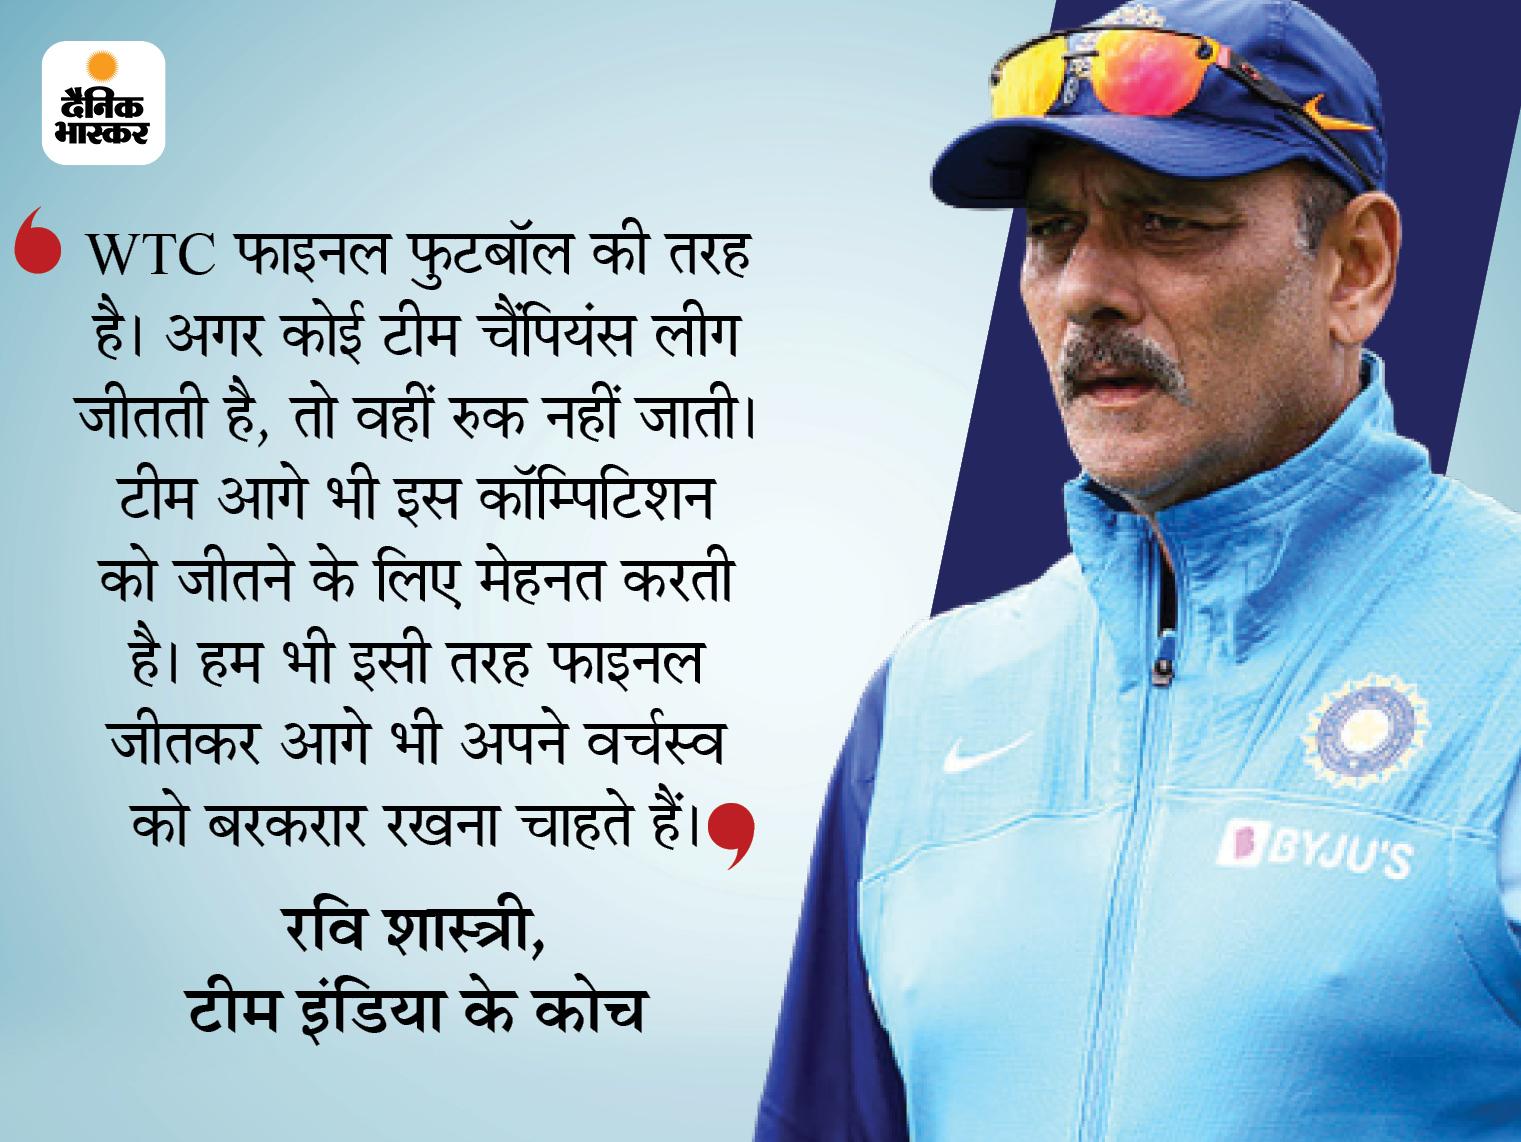 टीम इंडिया के कोच रवि शास्त्री ने कहा- 3 मैचों के फाइनल से विजेता चुना जाए; पूर्व कप्तान कपिल देव ने भी उठाया था मुद्दा|क्रिकेट,Cricket - Dainik Bhaskar